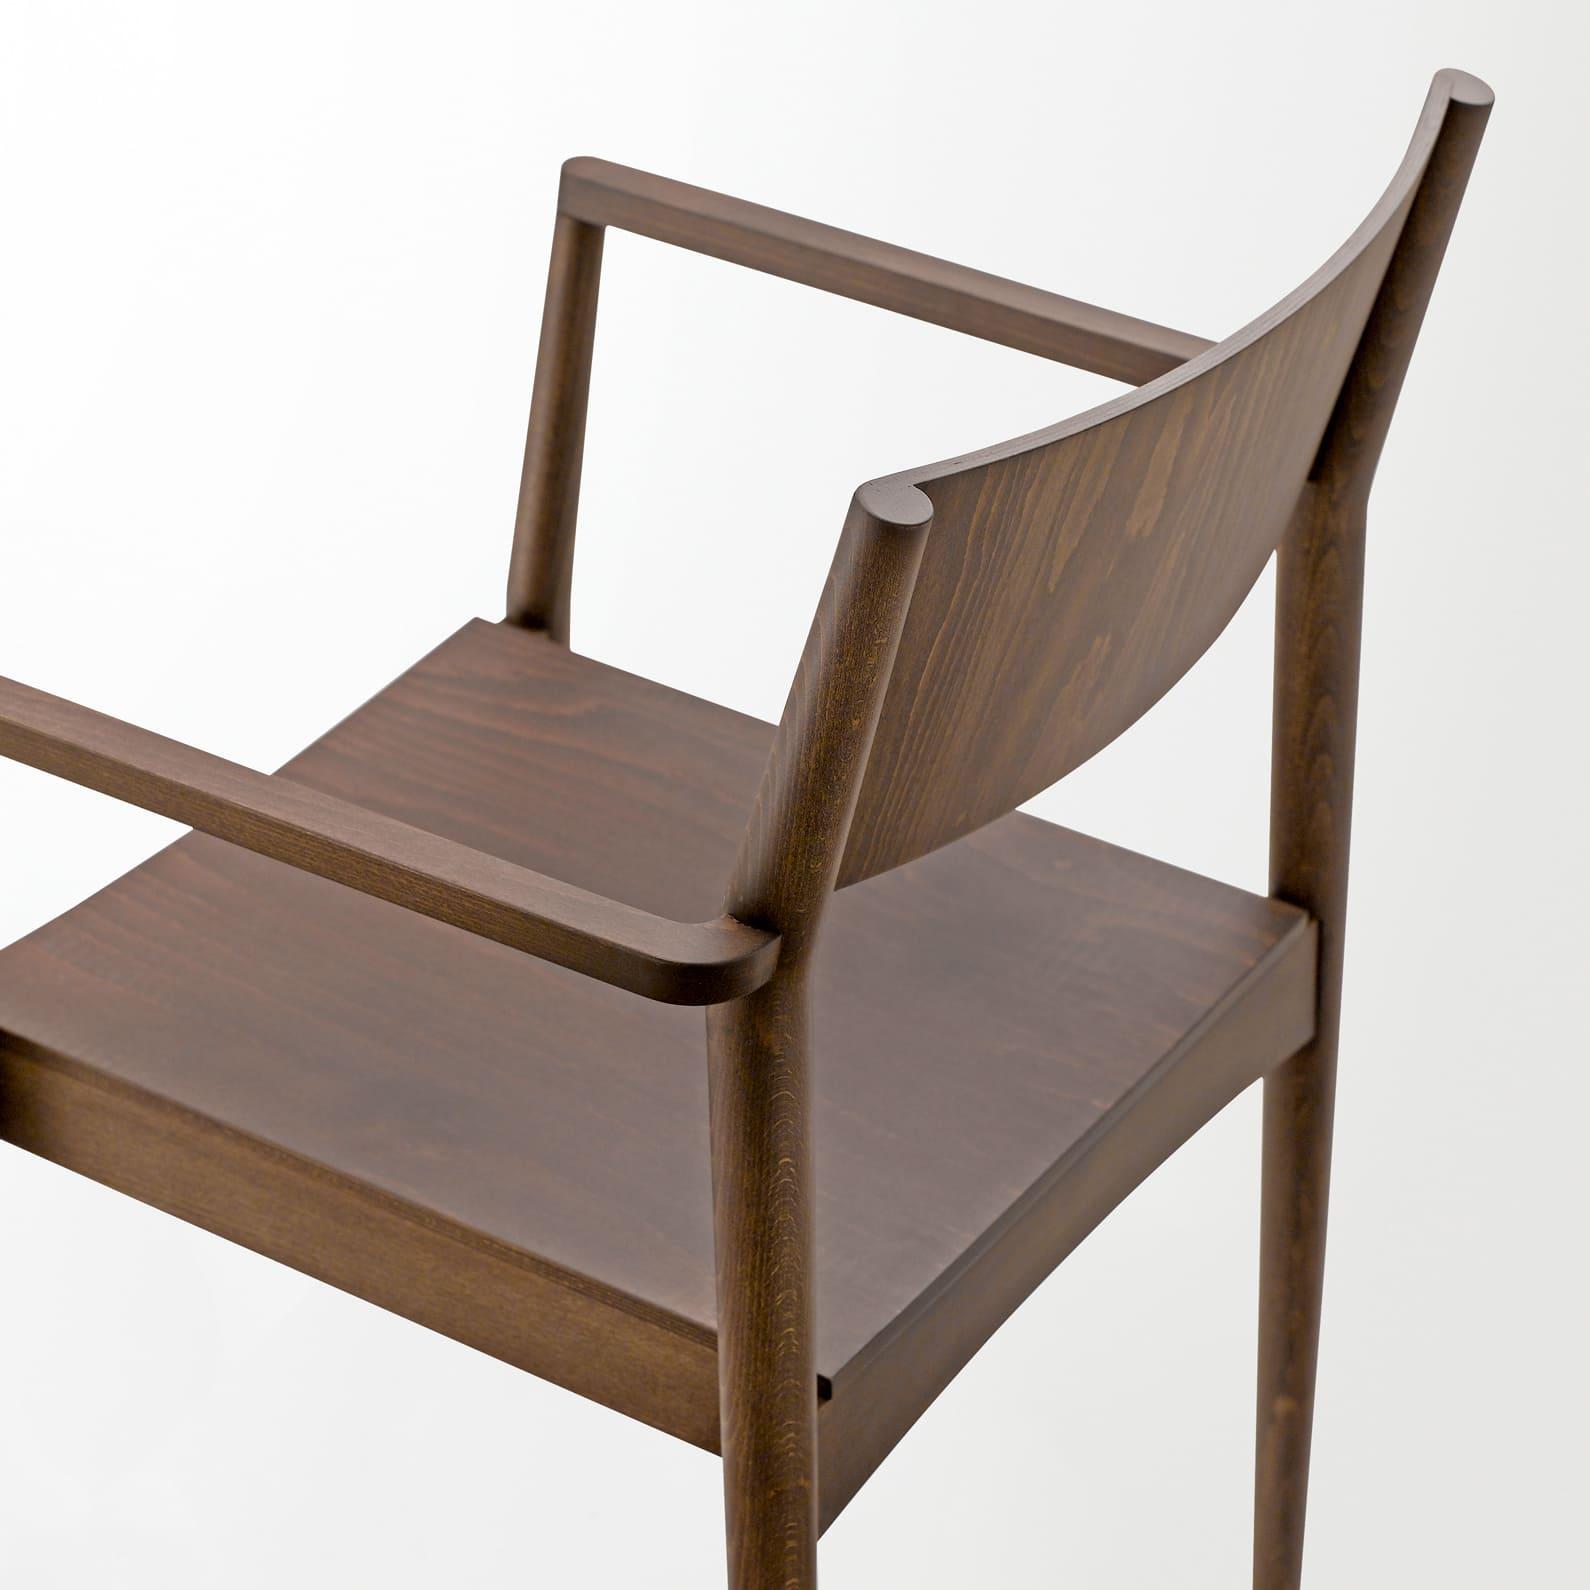 エジリオ Egidio 一人掛け 一人がけ 1人掛け 1人がけ 1人掛け 1人がけ アームあり スタッキング チェア 木製 アーム幅広い 座り心地 arti 家具 CY056 CY057